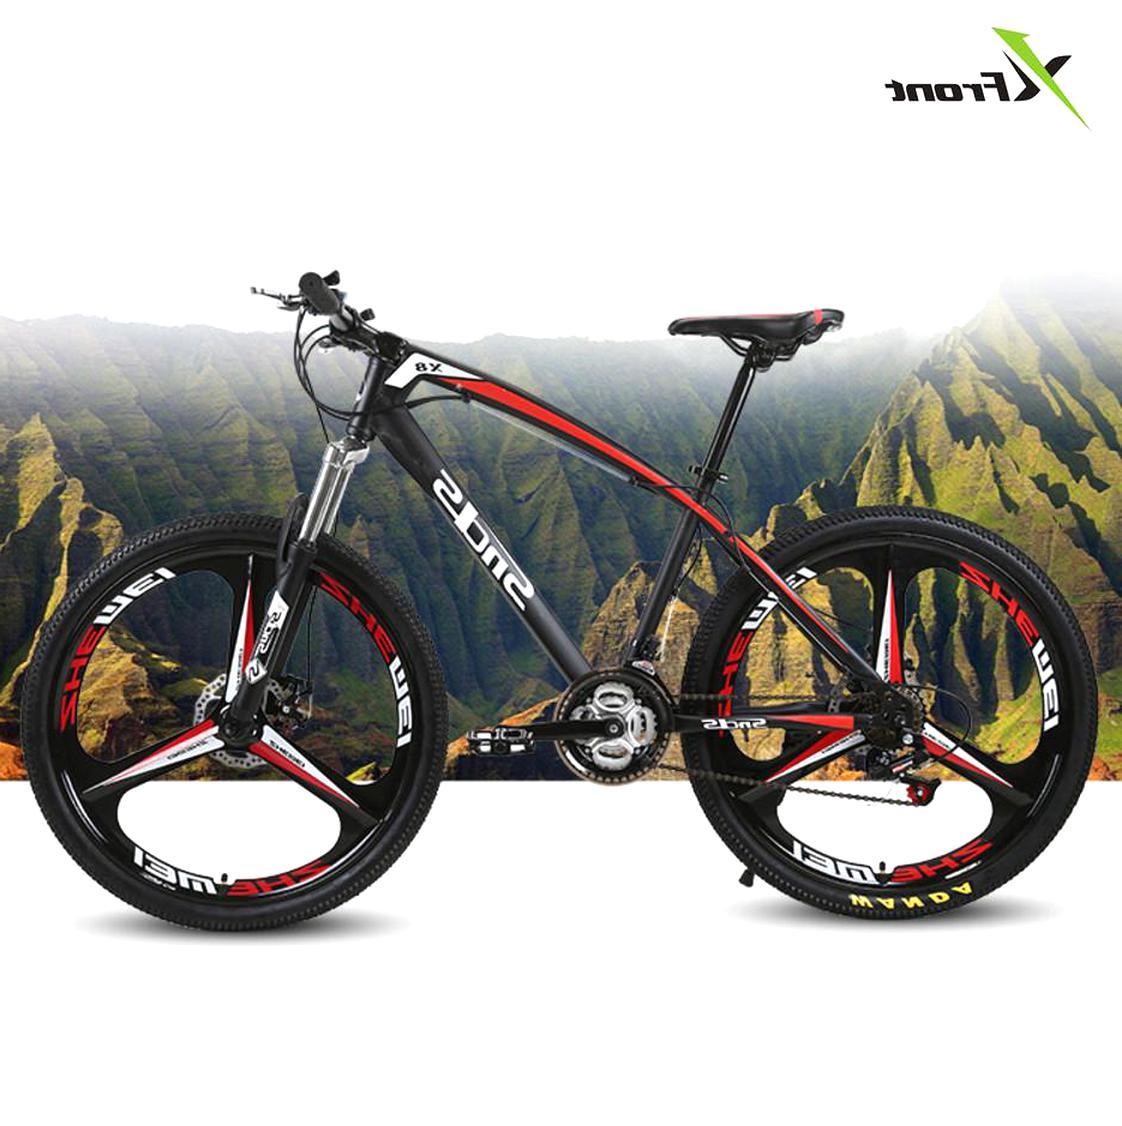 mountainbike 26 carbon gebraucht kaufen